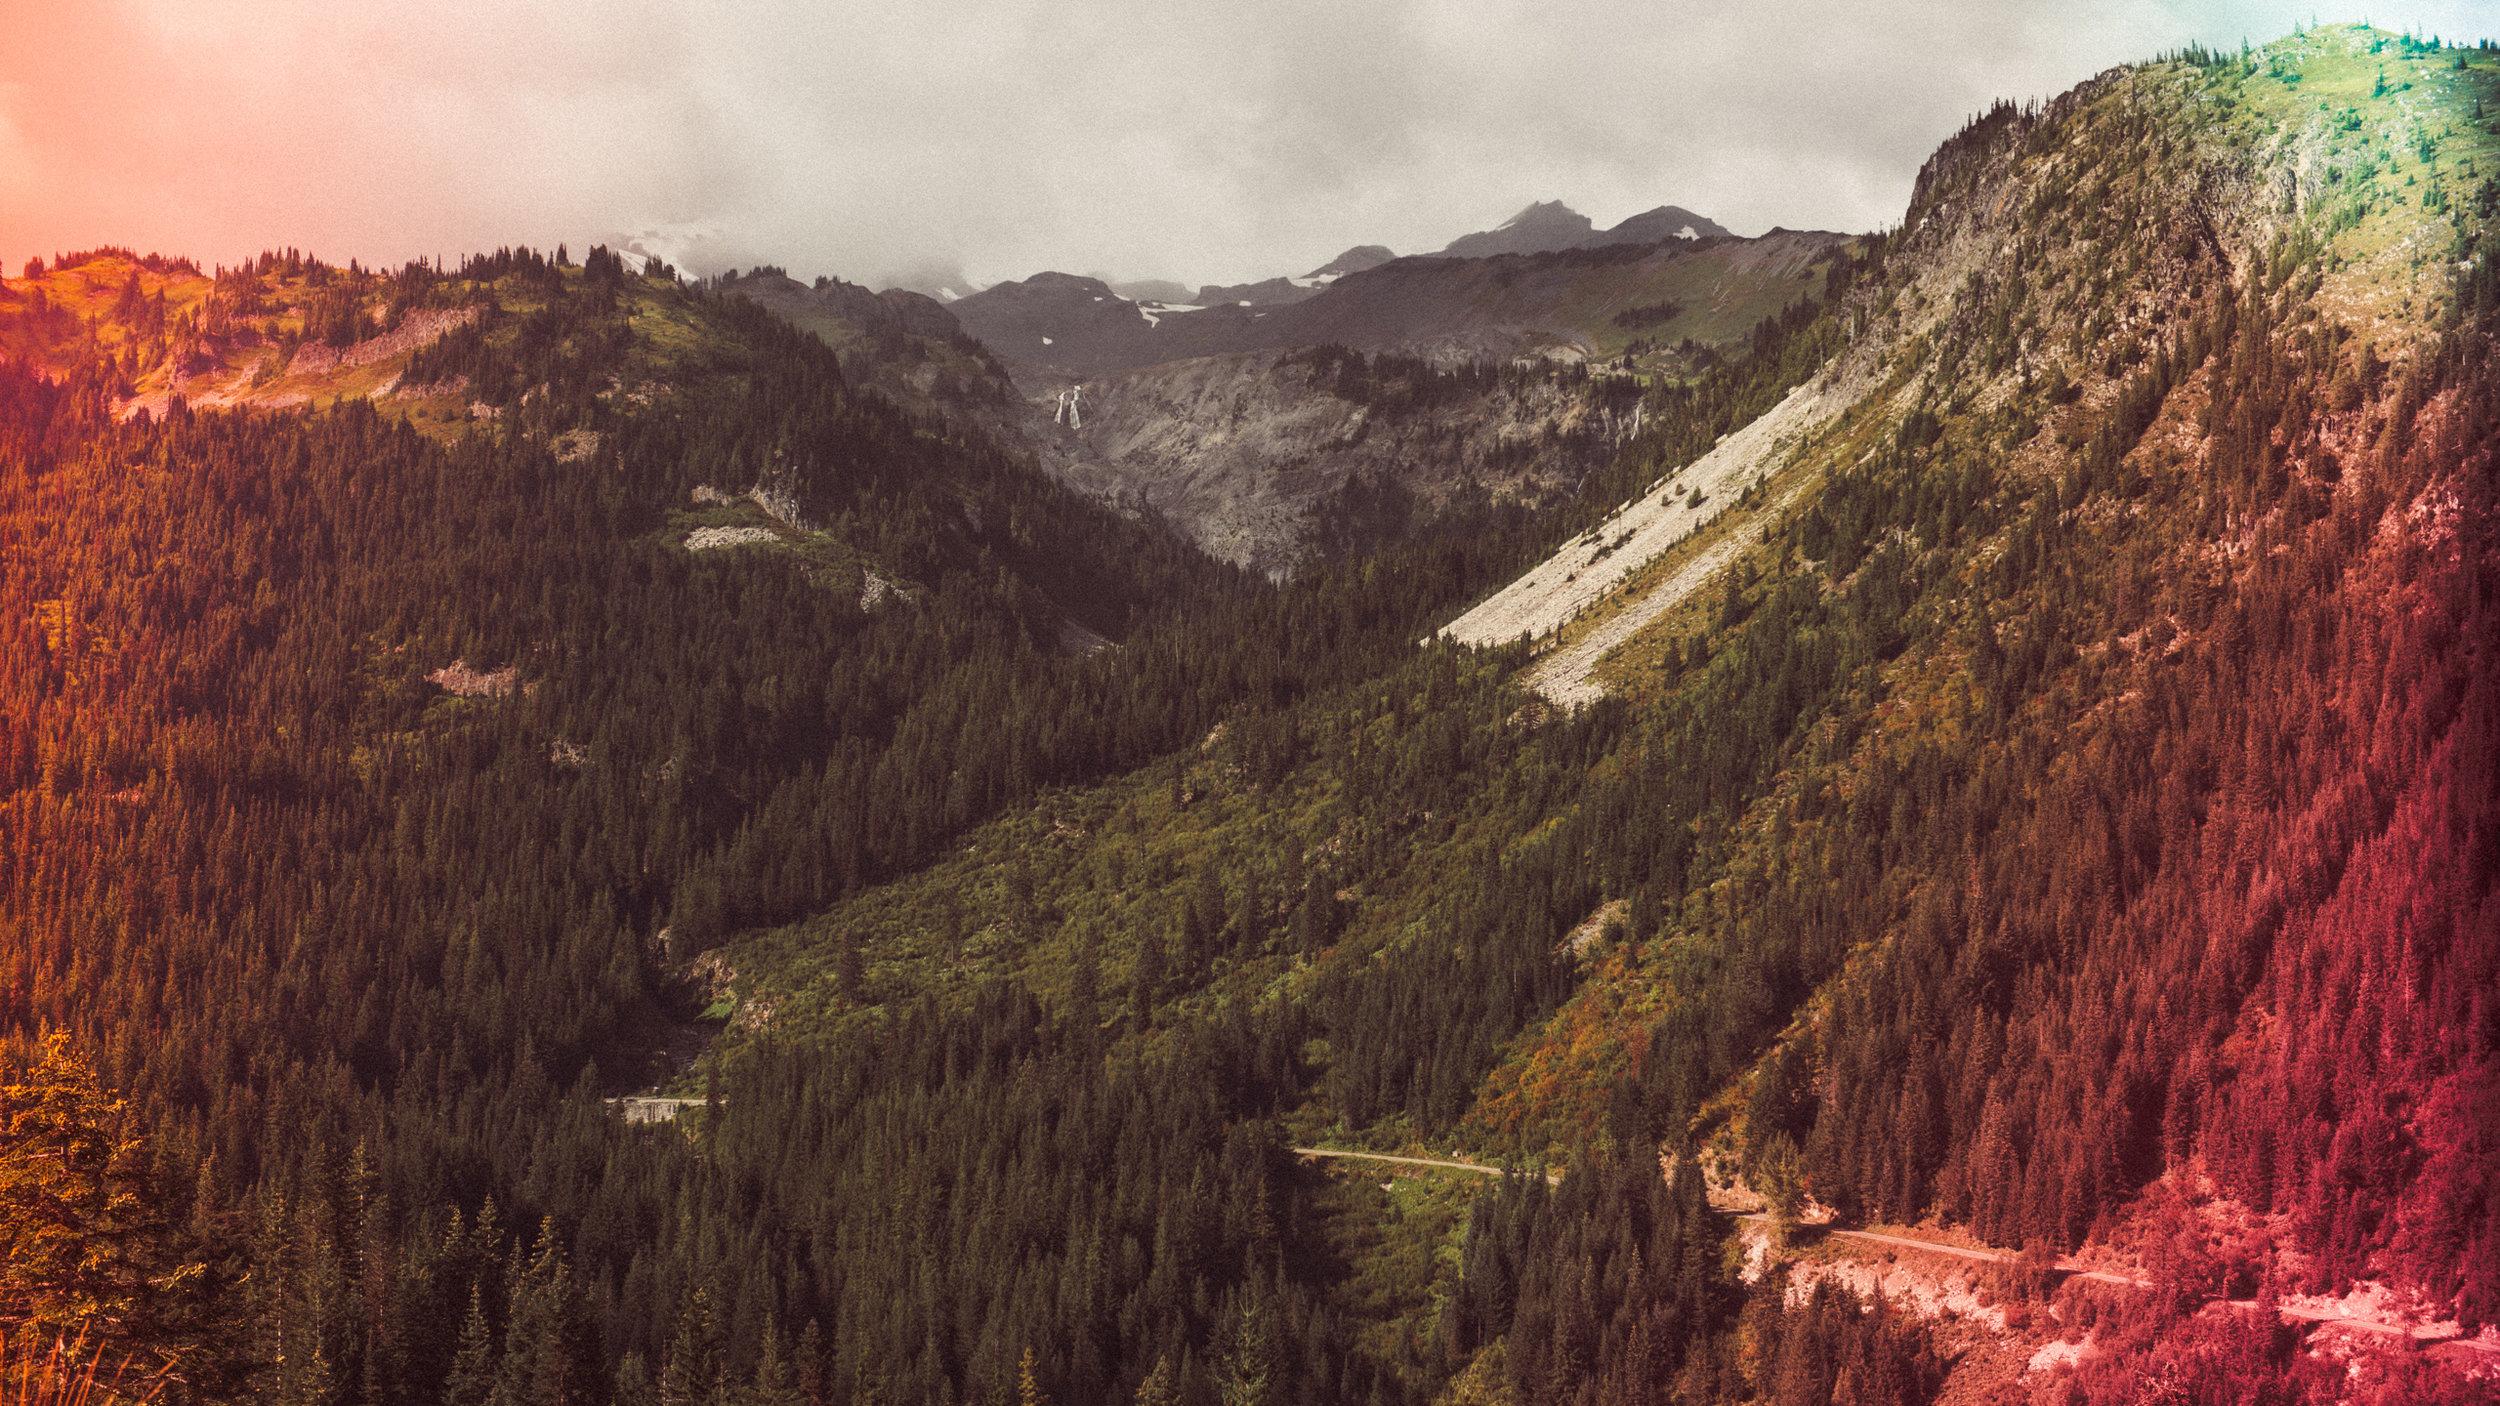 Mt. Rainier National Park, September 2016